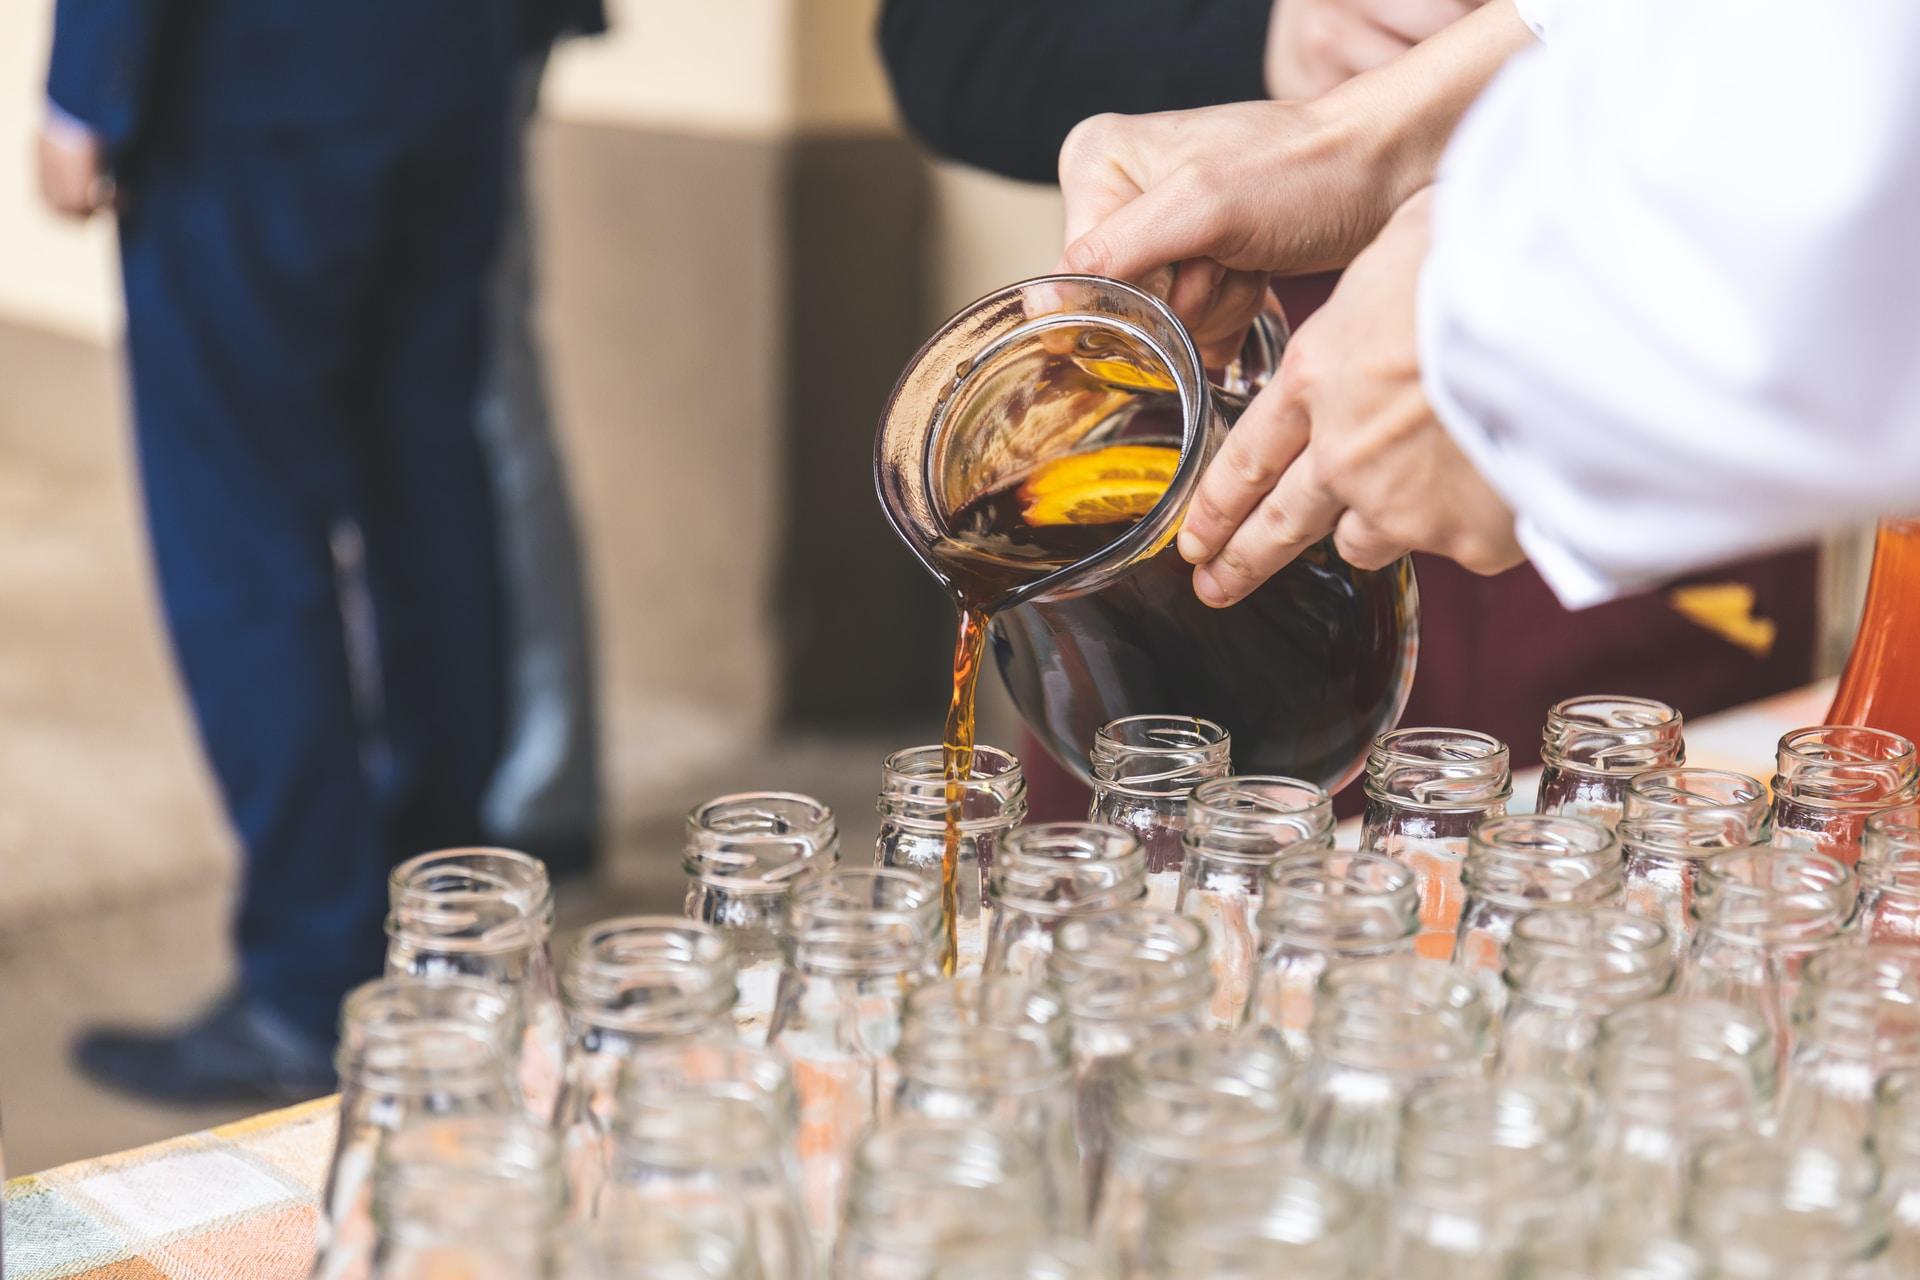 Σερβιριστό μενού και όσα πρέπει να γνωρίζετε